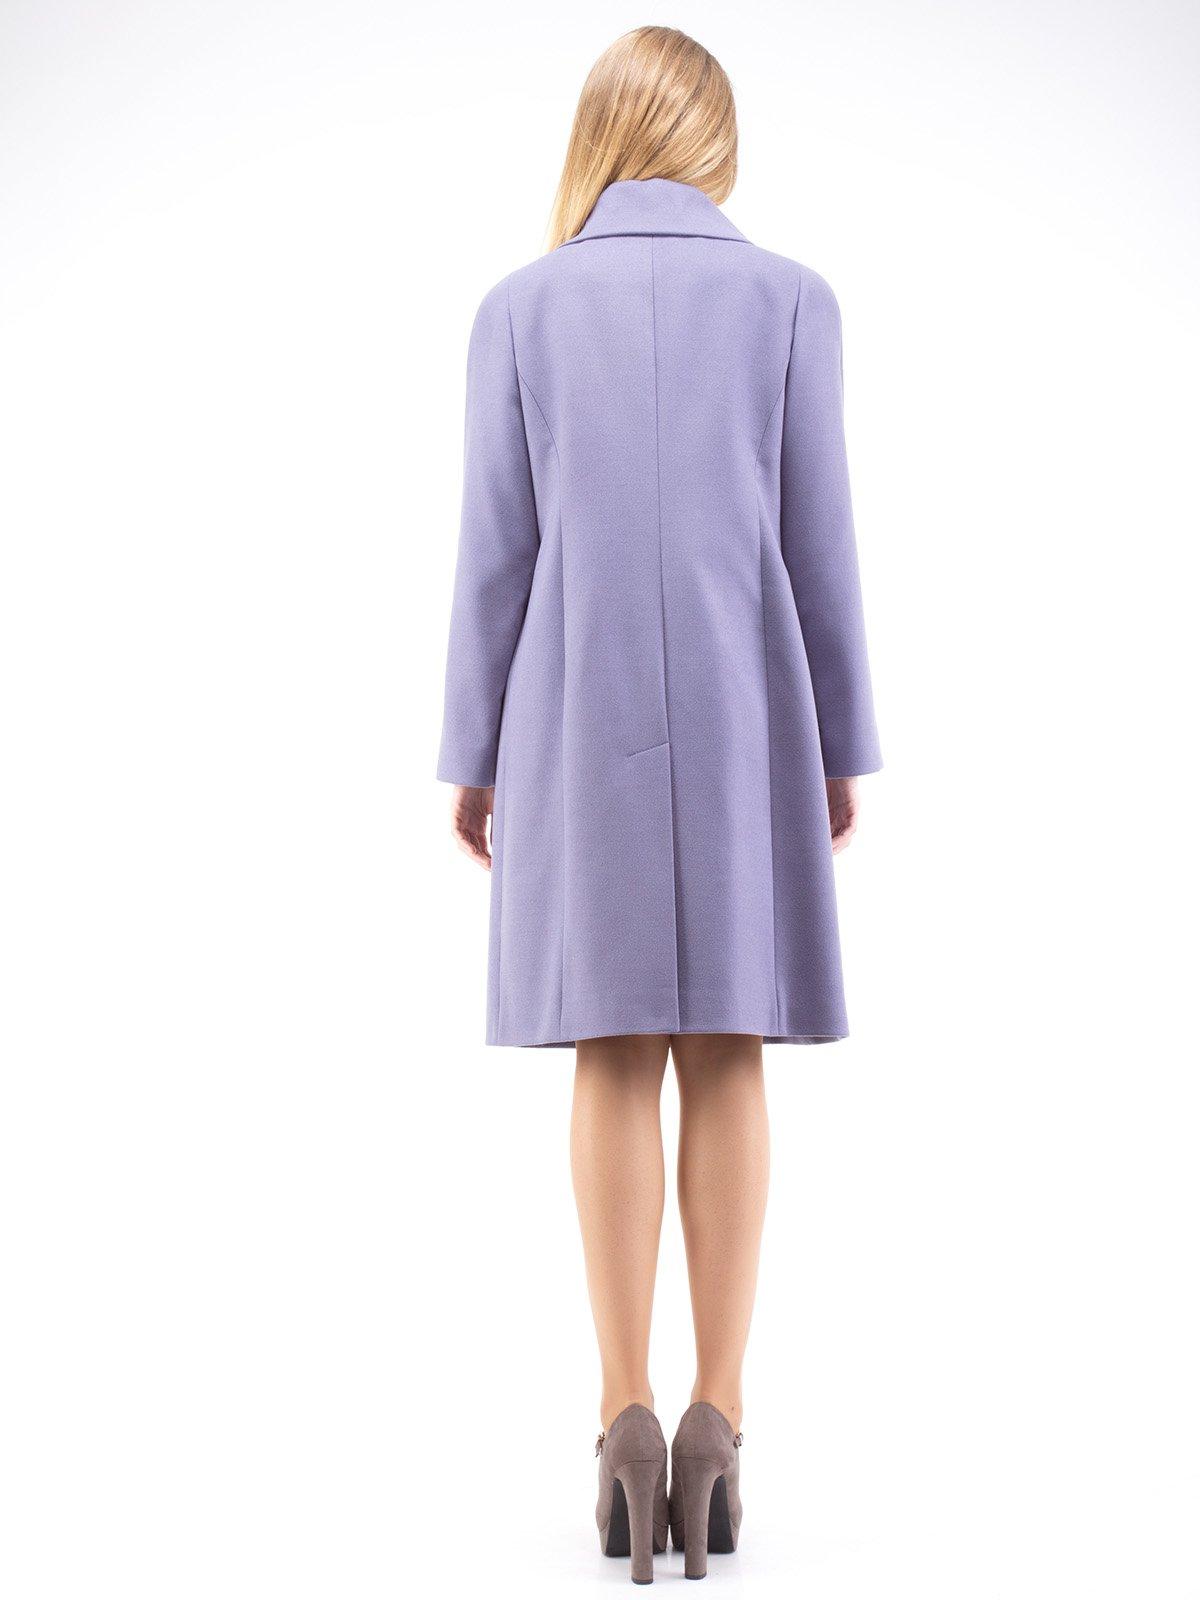 Пальто серо-сиреневое | 2281499 | фото 2